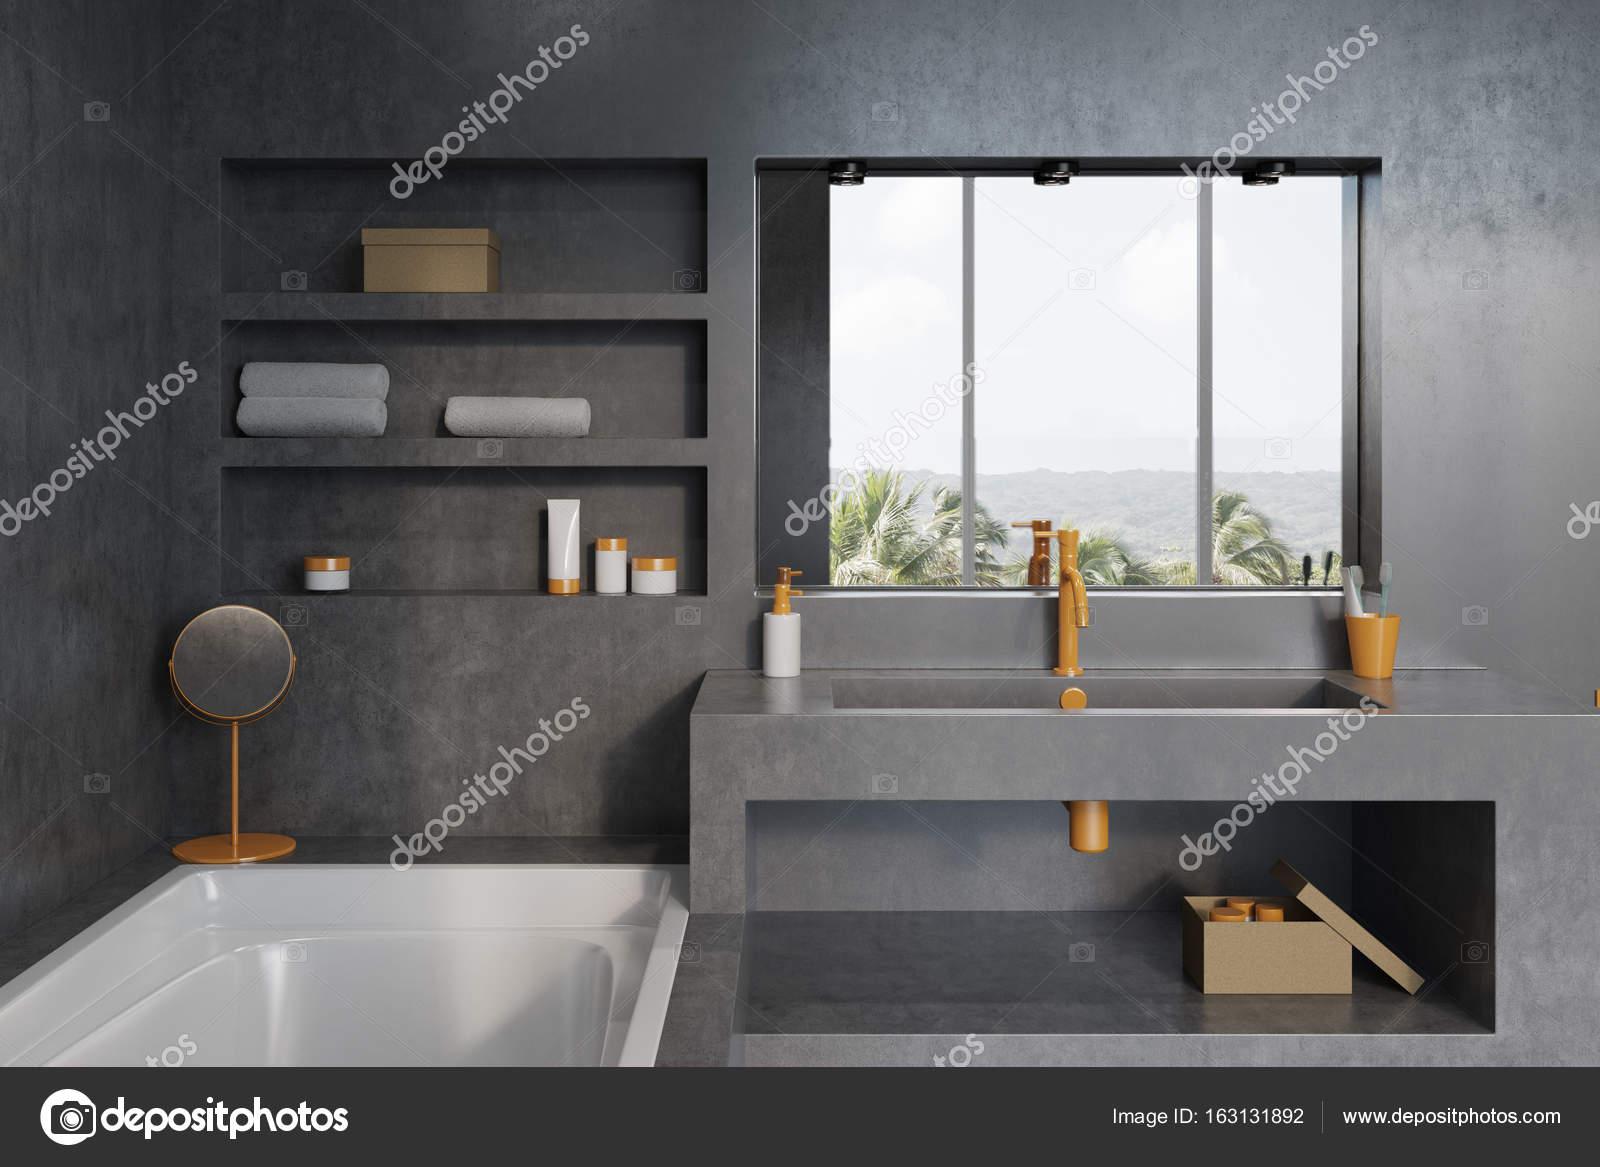 Jasny Szary łazienka Z Oknem Zdjęcie Stockowe